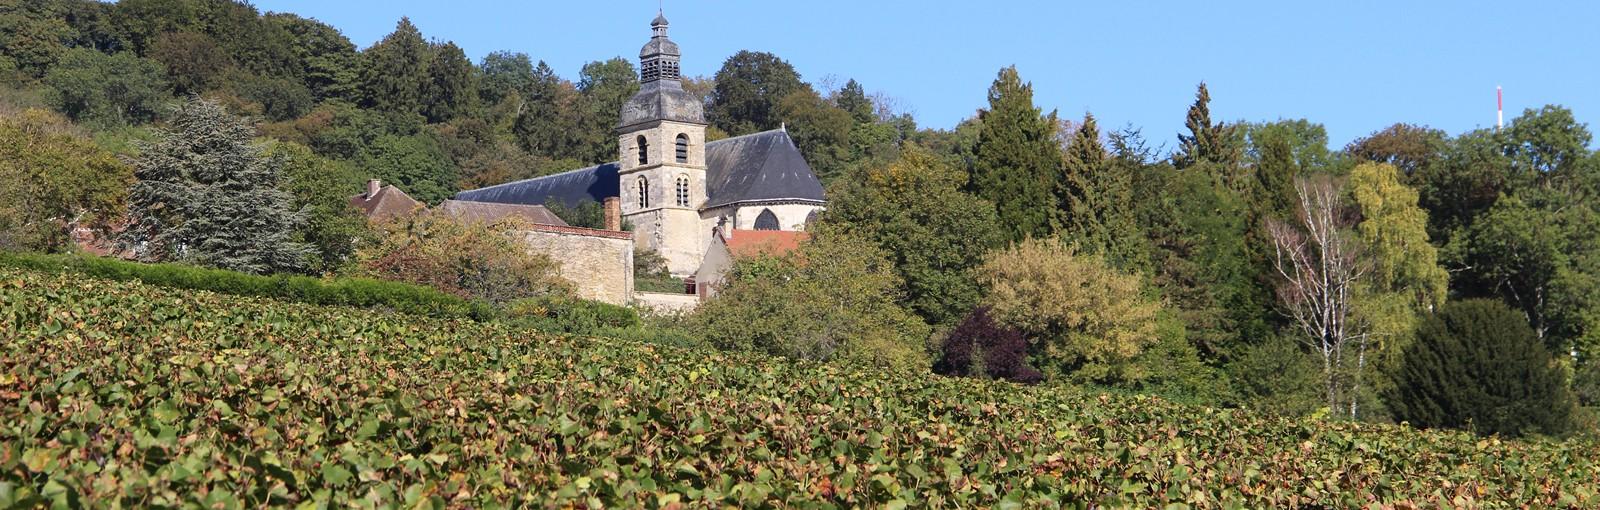 Tours Reims - Champagne - Journées complètes - Excursions au départ de Paris